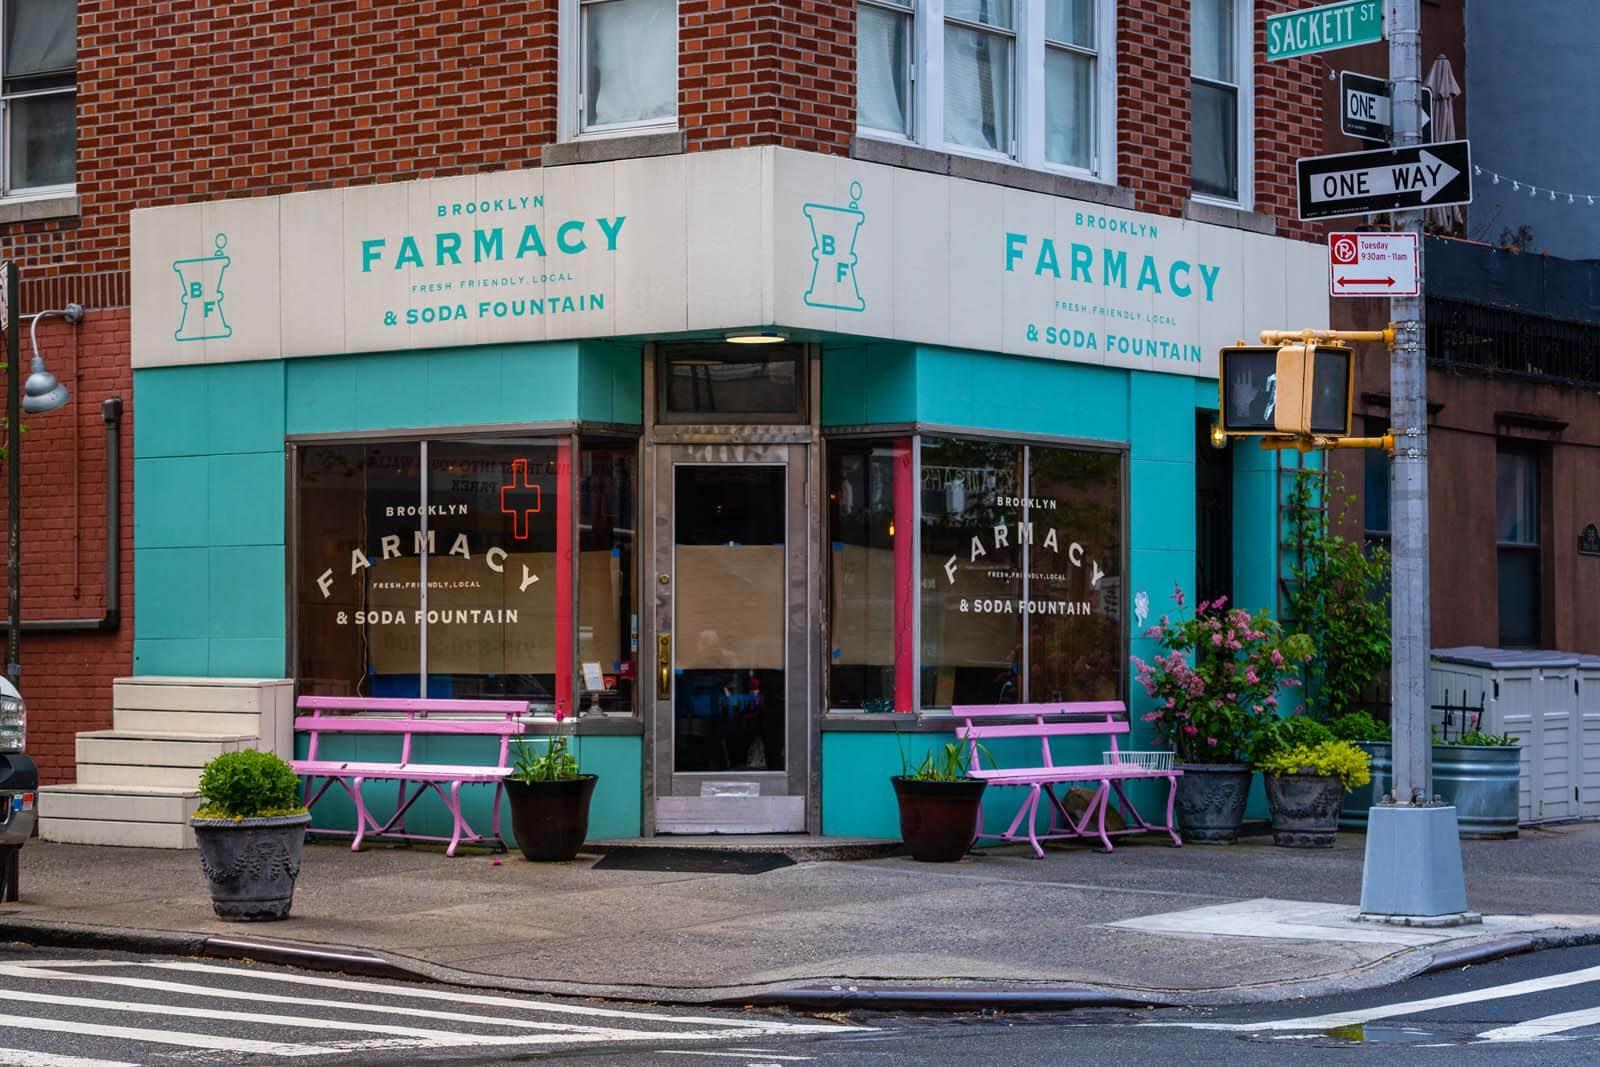 Brooklyn Farmacy and Soda Fountain in Carroll Gardens Brooklyn